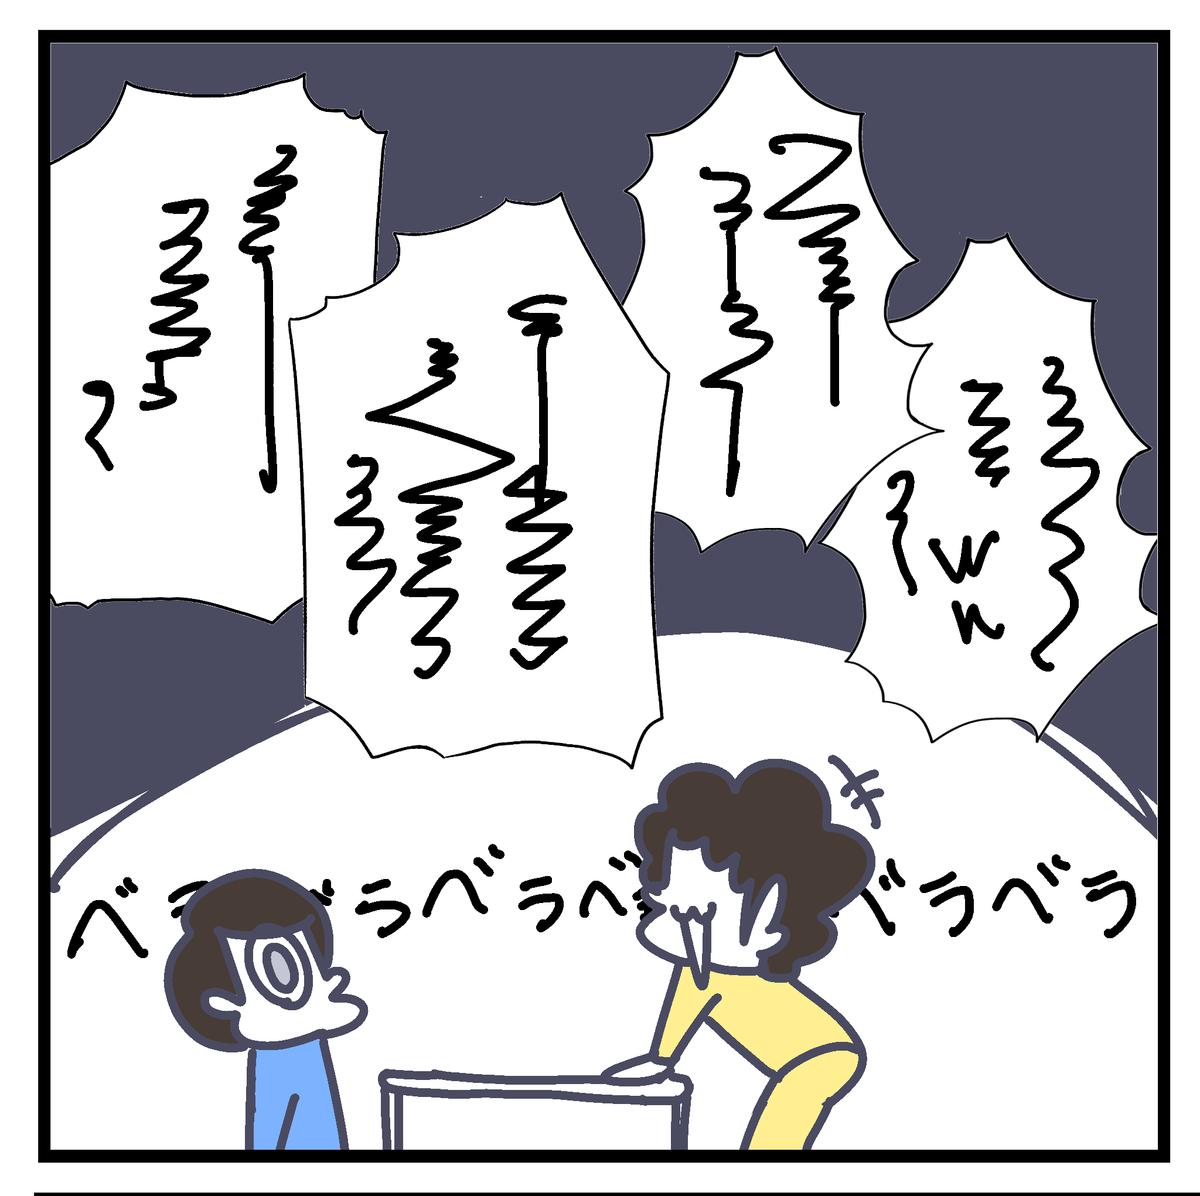 f:id:YuruFuwaTa:20200608101300p:plain